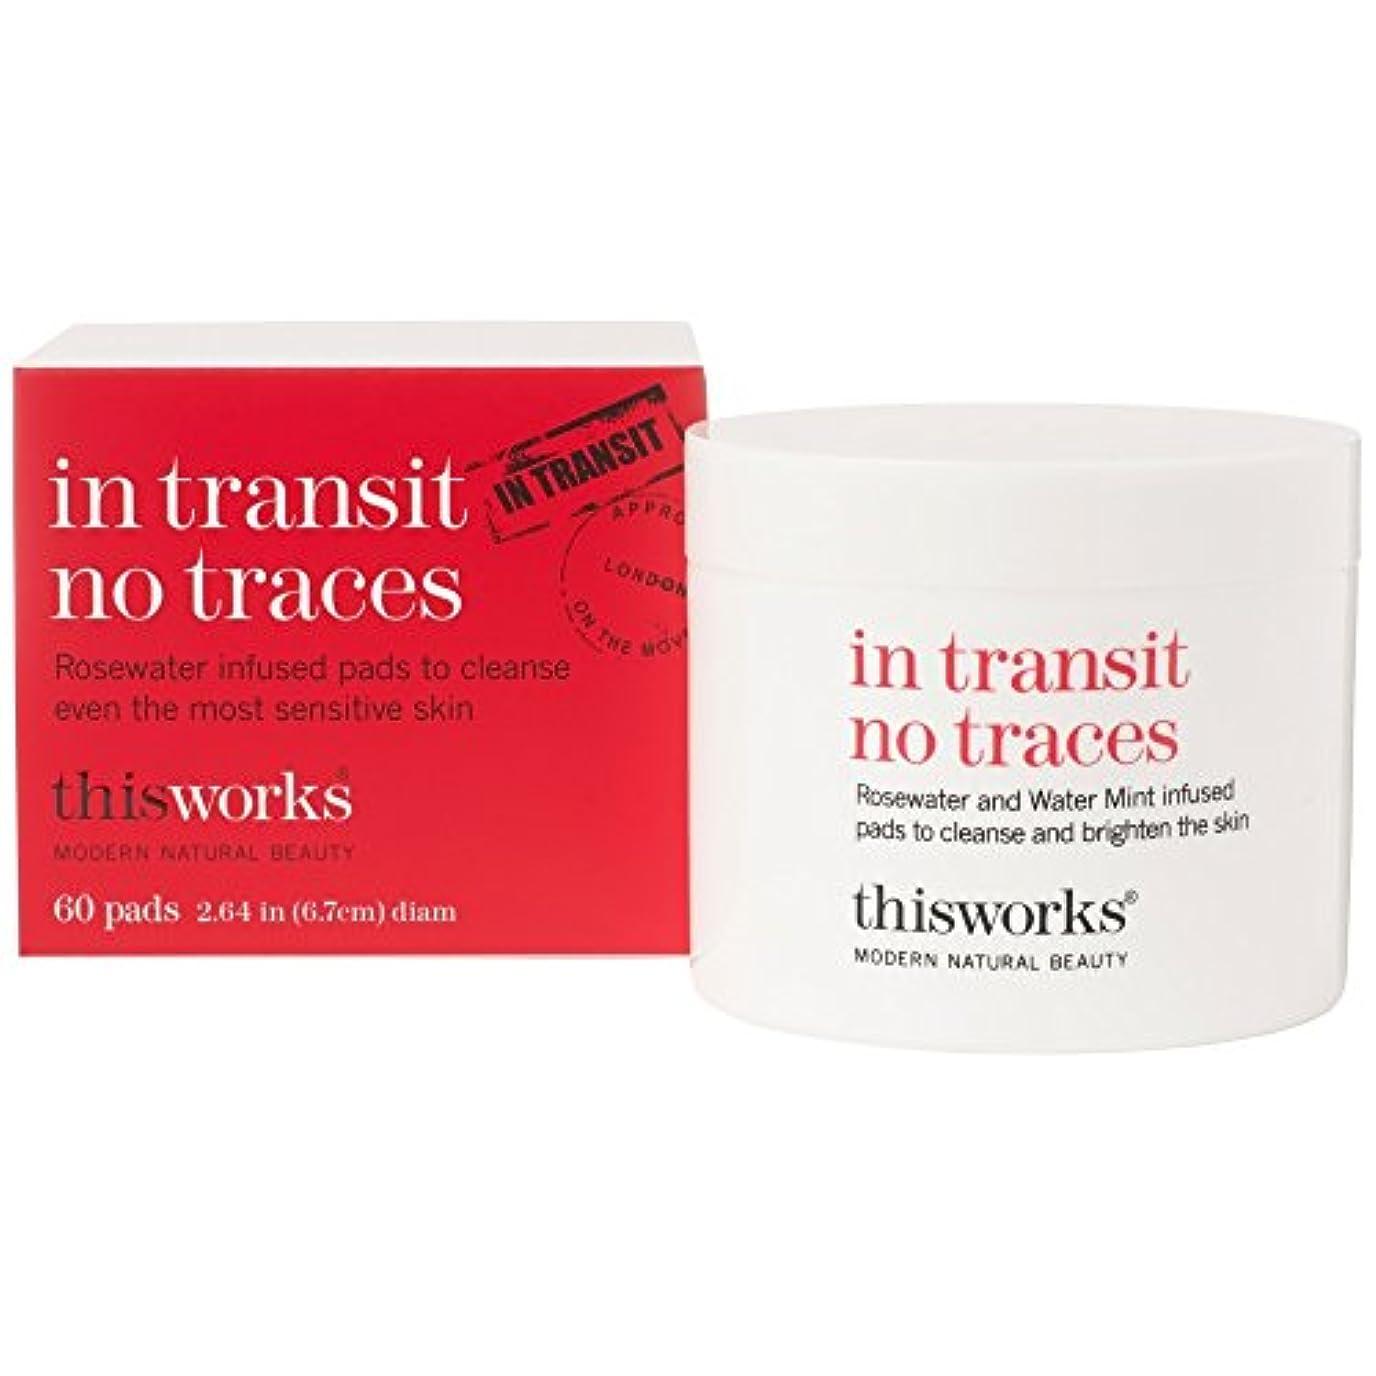 郵便物具体的に広大なこれは、輸送中に痕跡、60パッドに動作しません (This Works) (x2) - This Works In Transit No Traces, 60 Pads (Pack of 2) [並行輸入品]